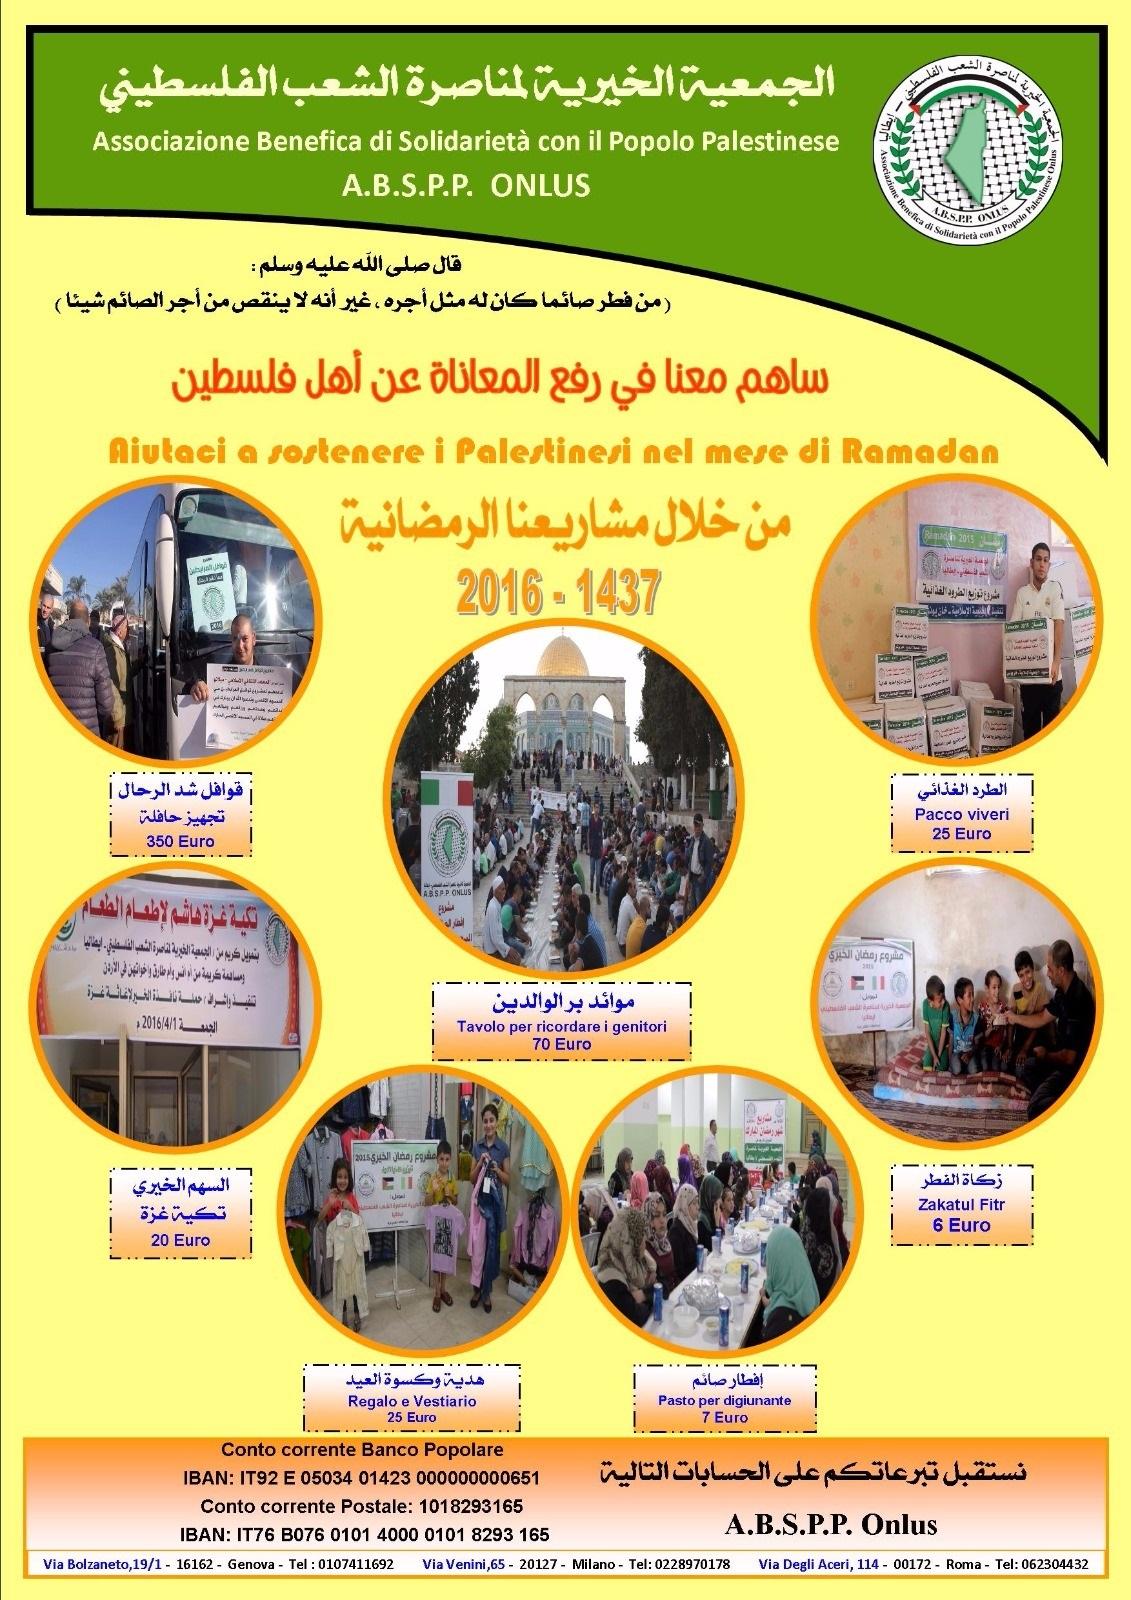 Sostegno ai progetti umanitari in Palestina nel mese di Ramadan